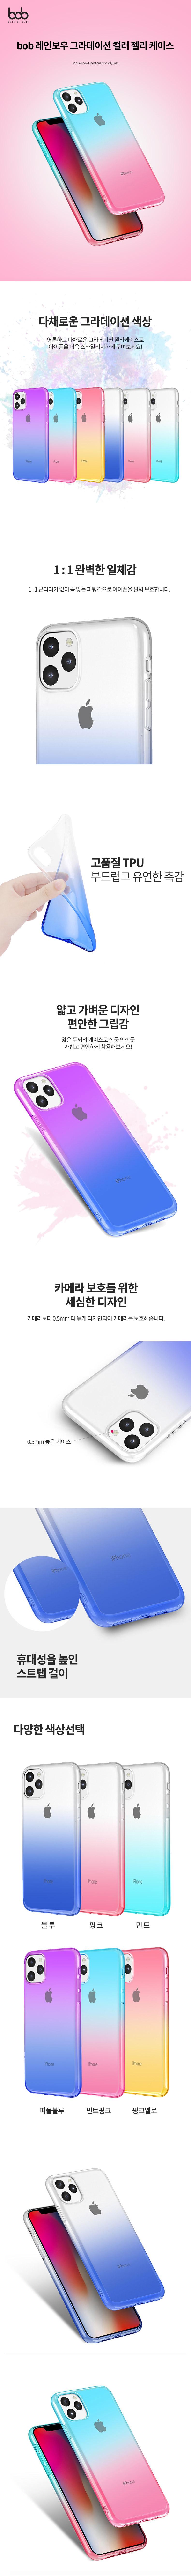 레인보우 그라데이션 컬러 젤리케이스 아이폰 11 프로 맥스 X XS max XR 8 7 6S 플러스 - 비오비, 5,500원, 케이스, 아이폰X